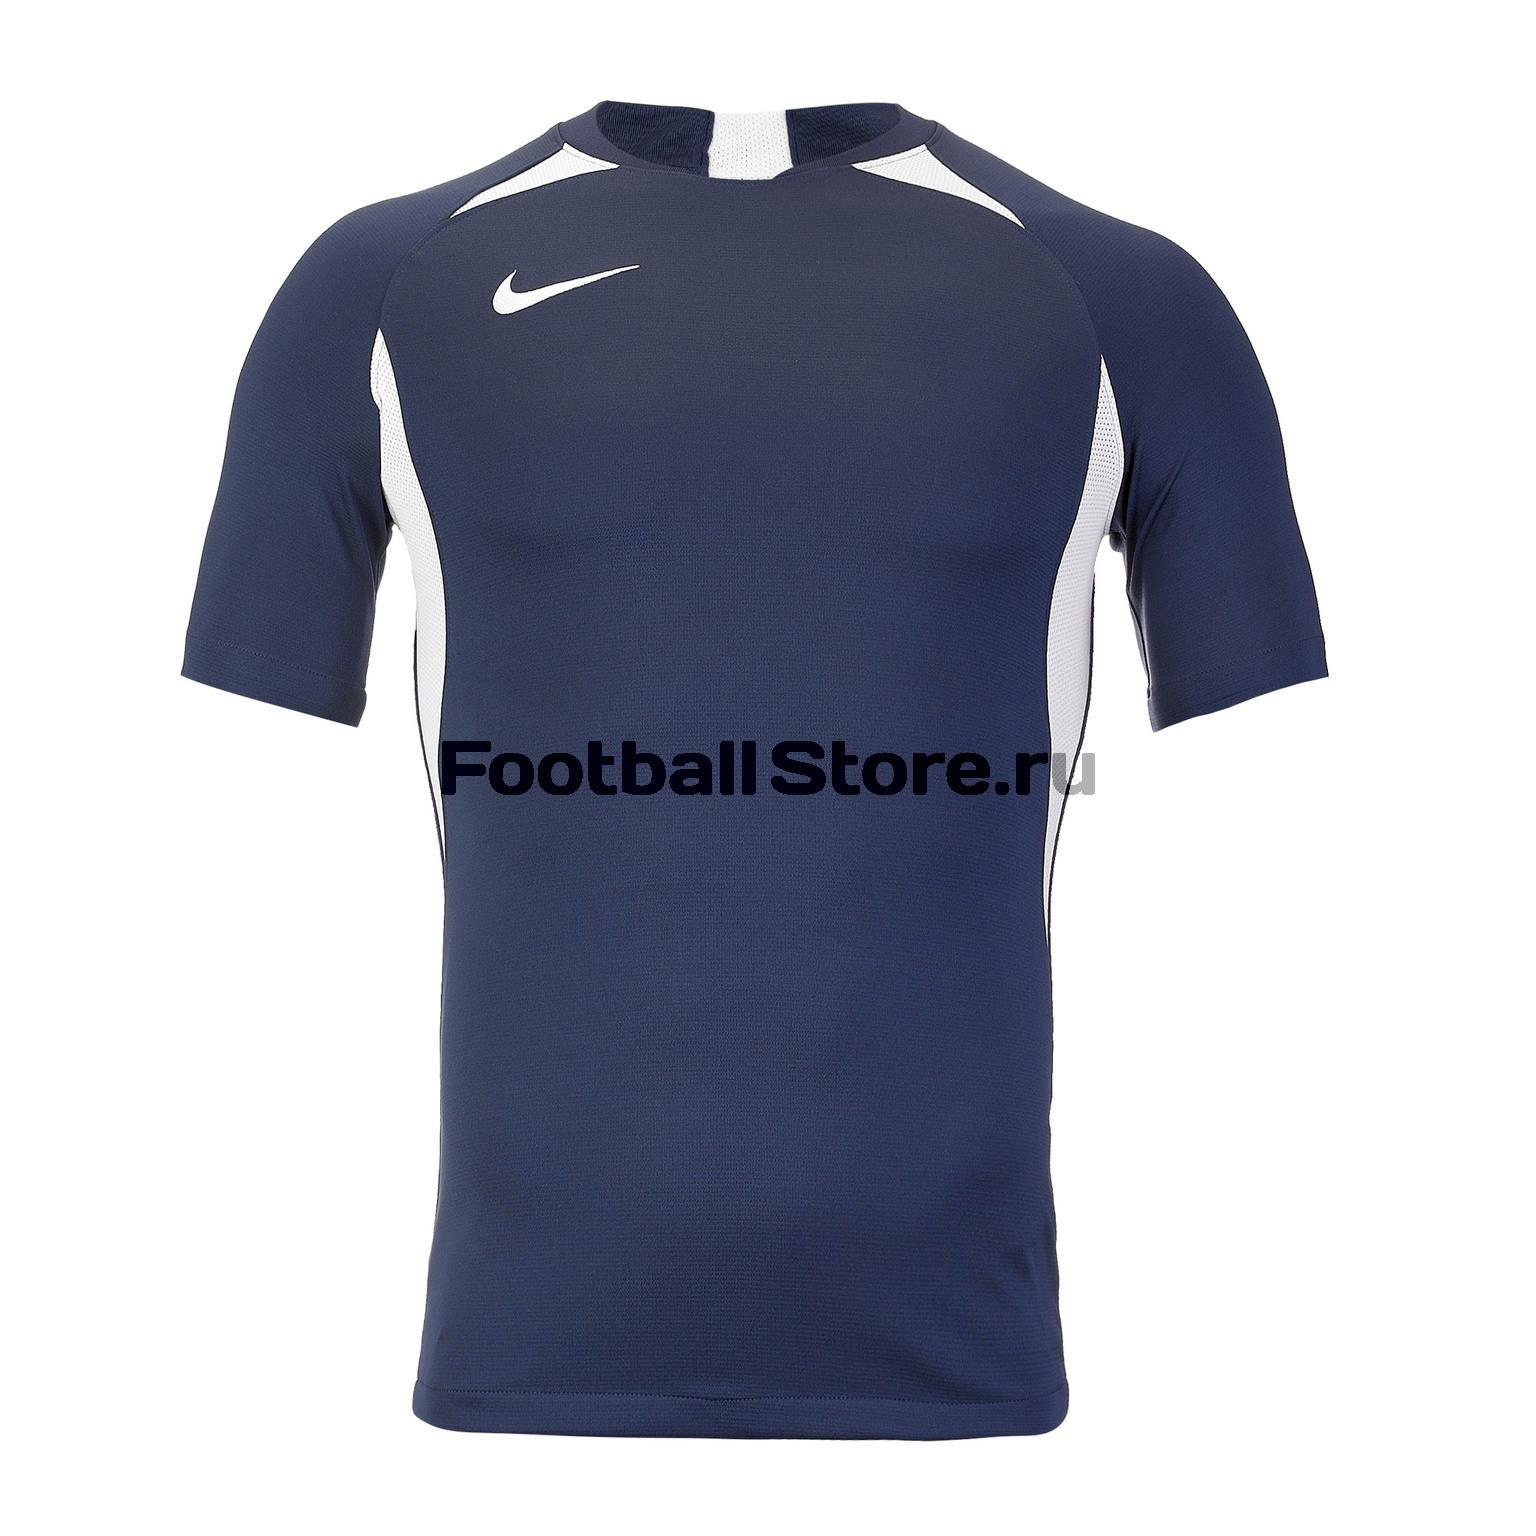 Футболка игровая Nike Dry Legend JSY SS AJ0998-410